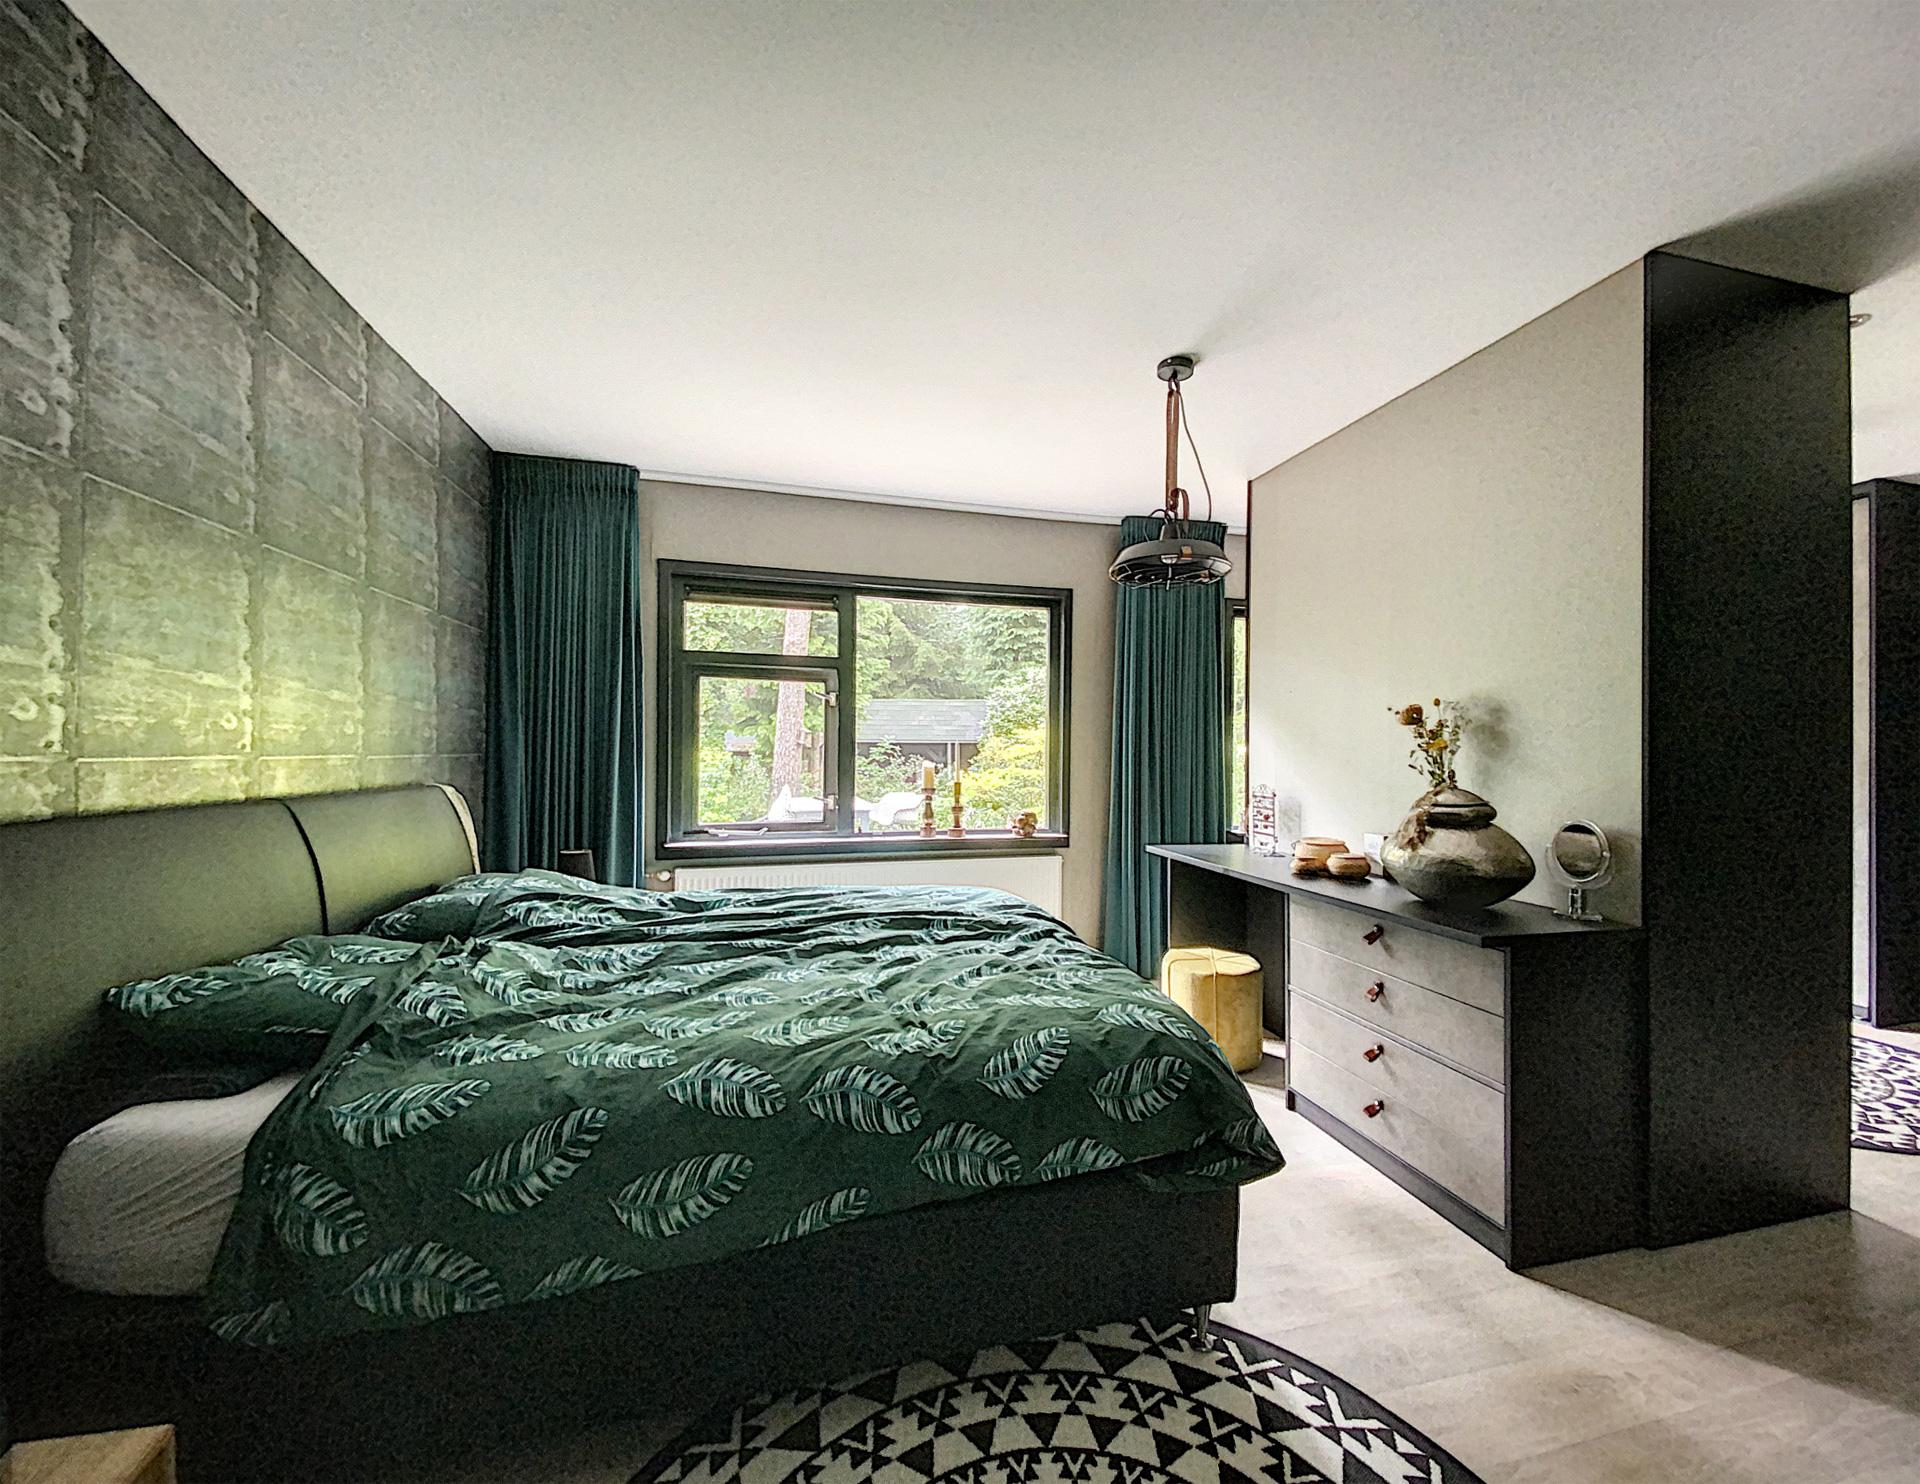 Verbouwing-woning-slaapkamer-met badkamer-9